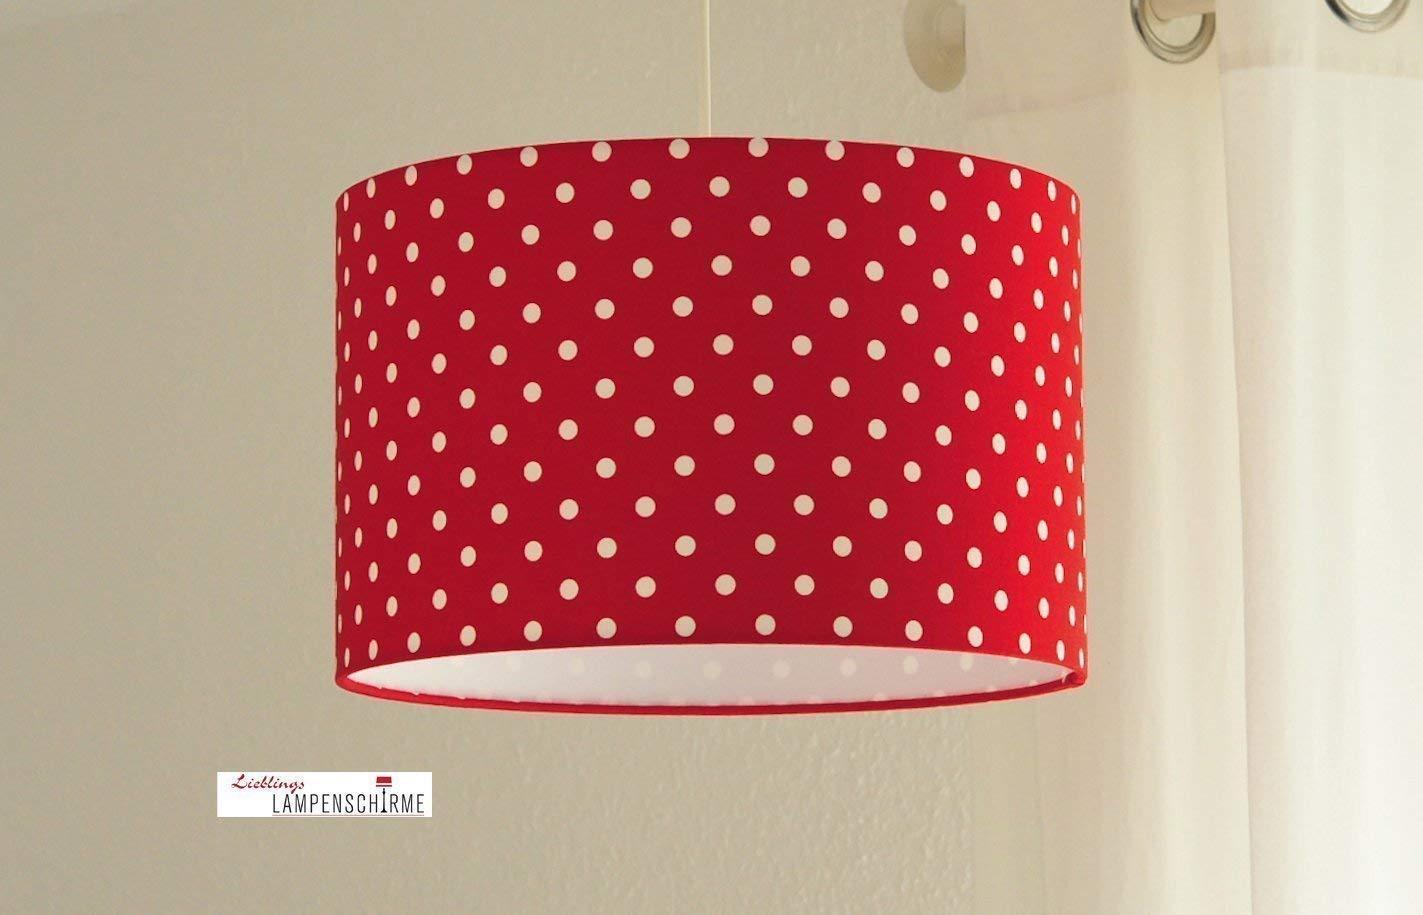 Deckenlampe fü rs Kinderzimmer fü r Mä dchen mit Punkten in Rot Weiß